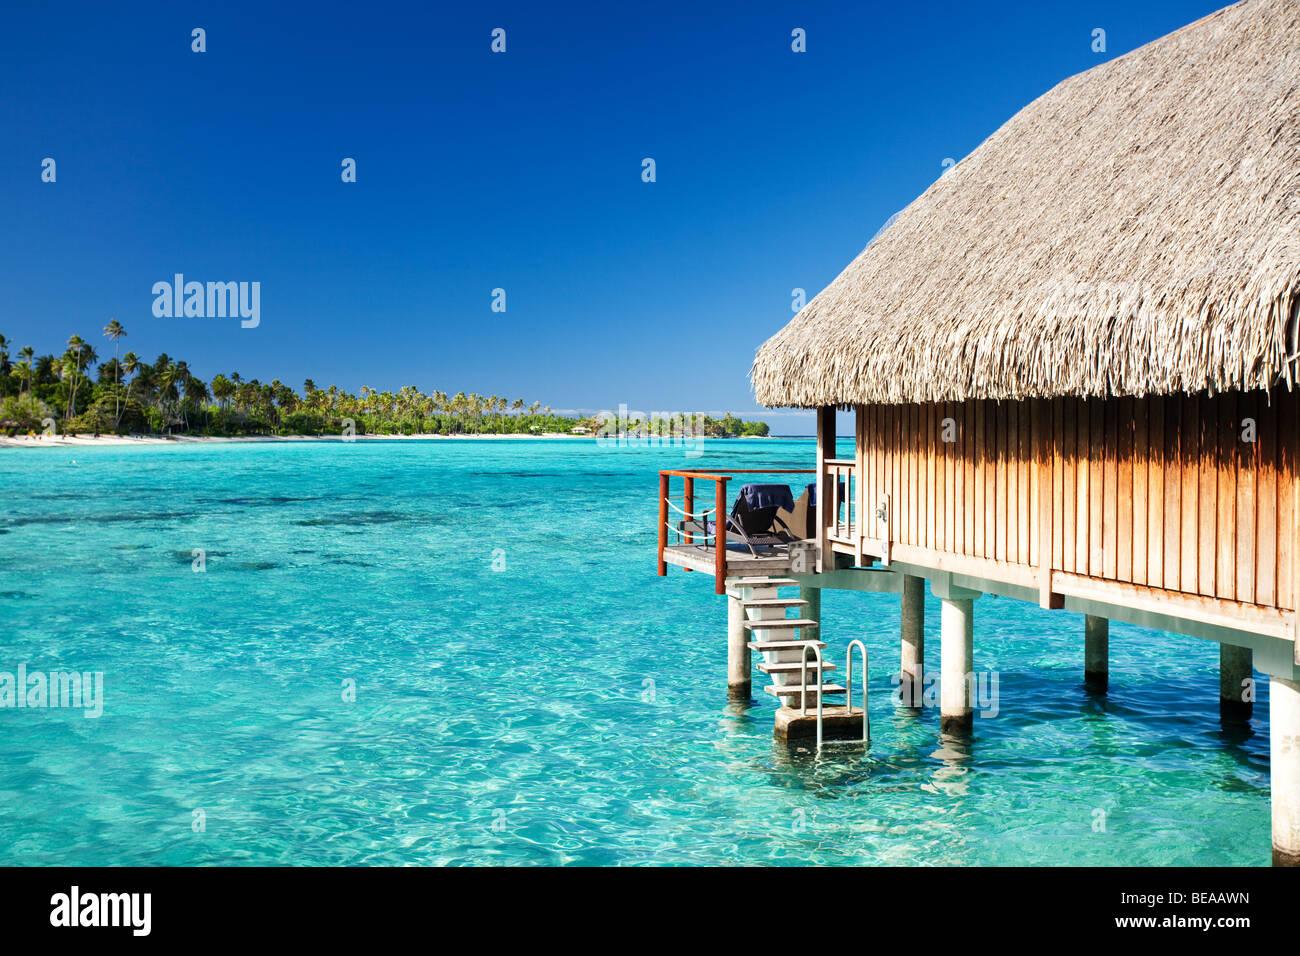 Über Wasser Bungalow mit Schritten in fantastische Lagune Stockfoto